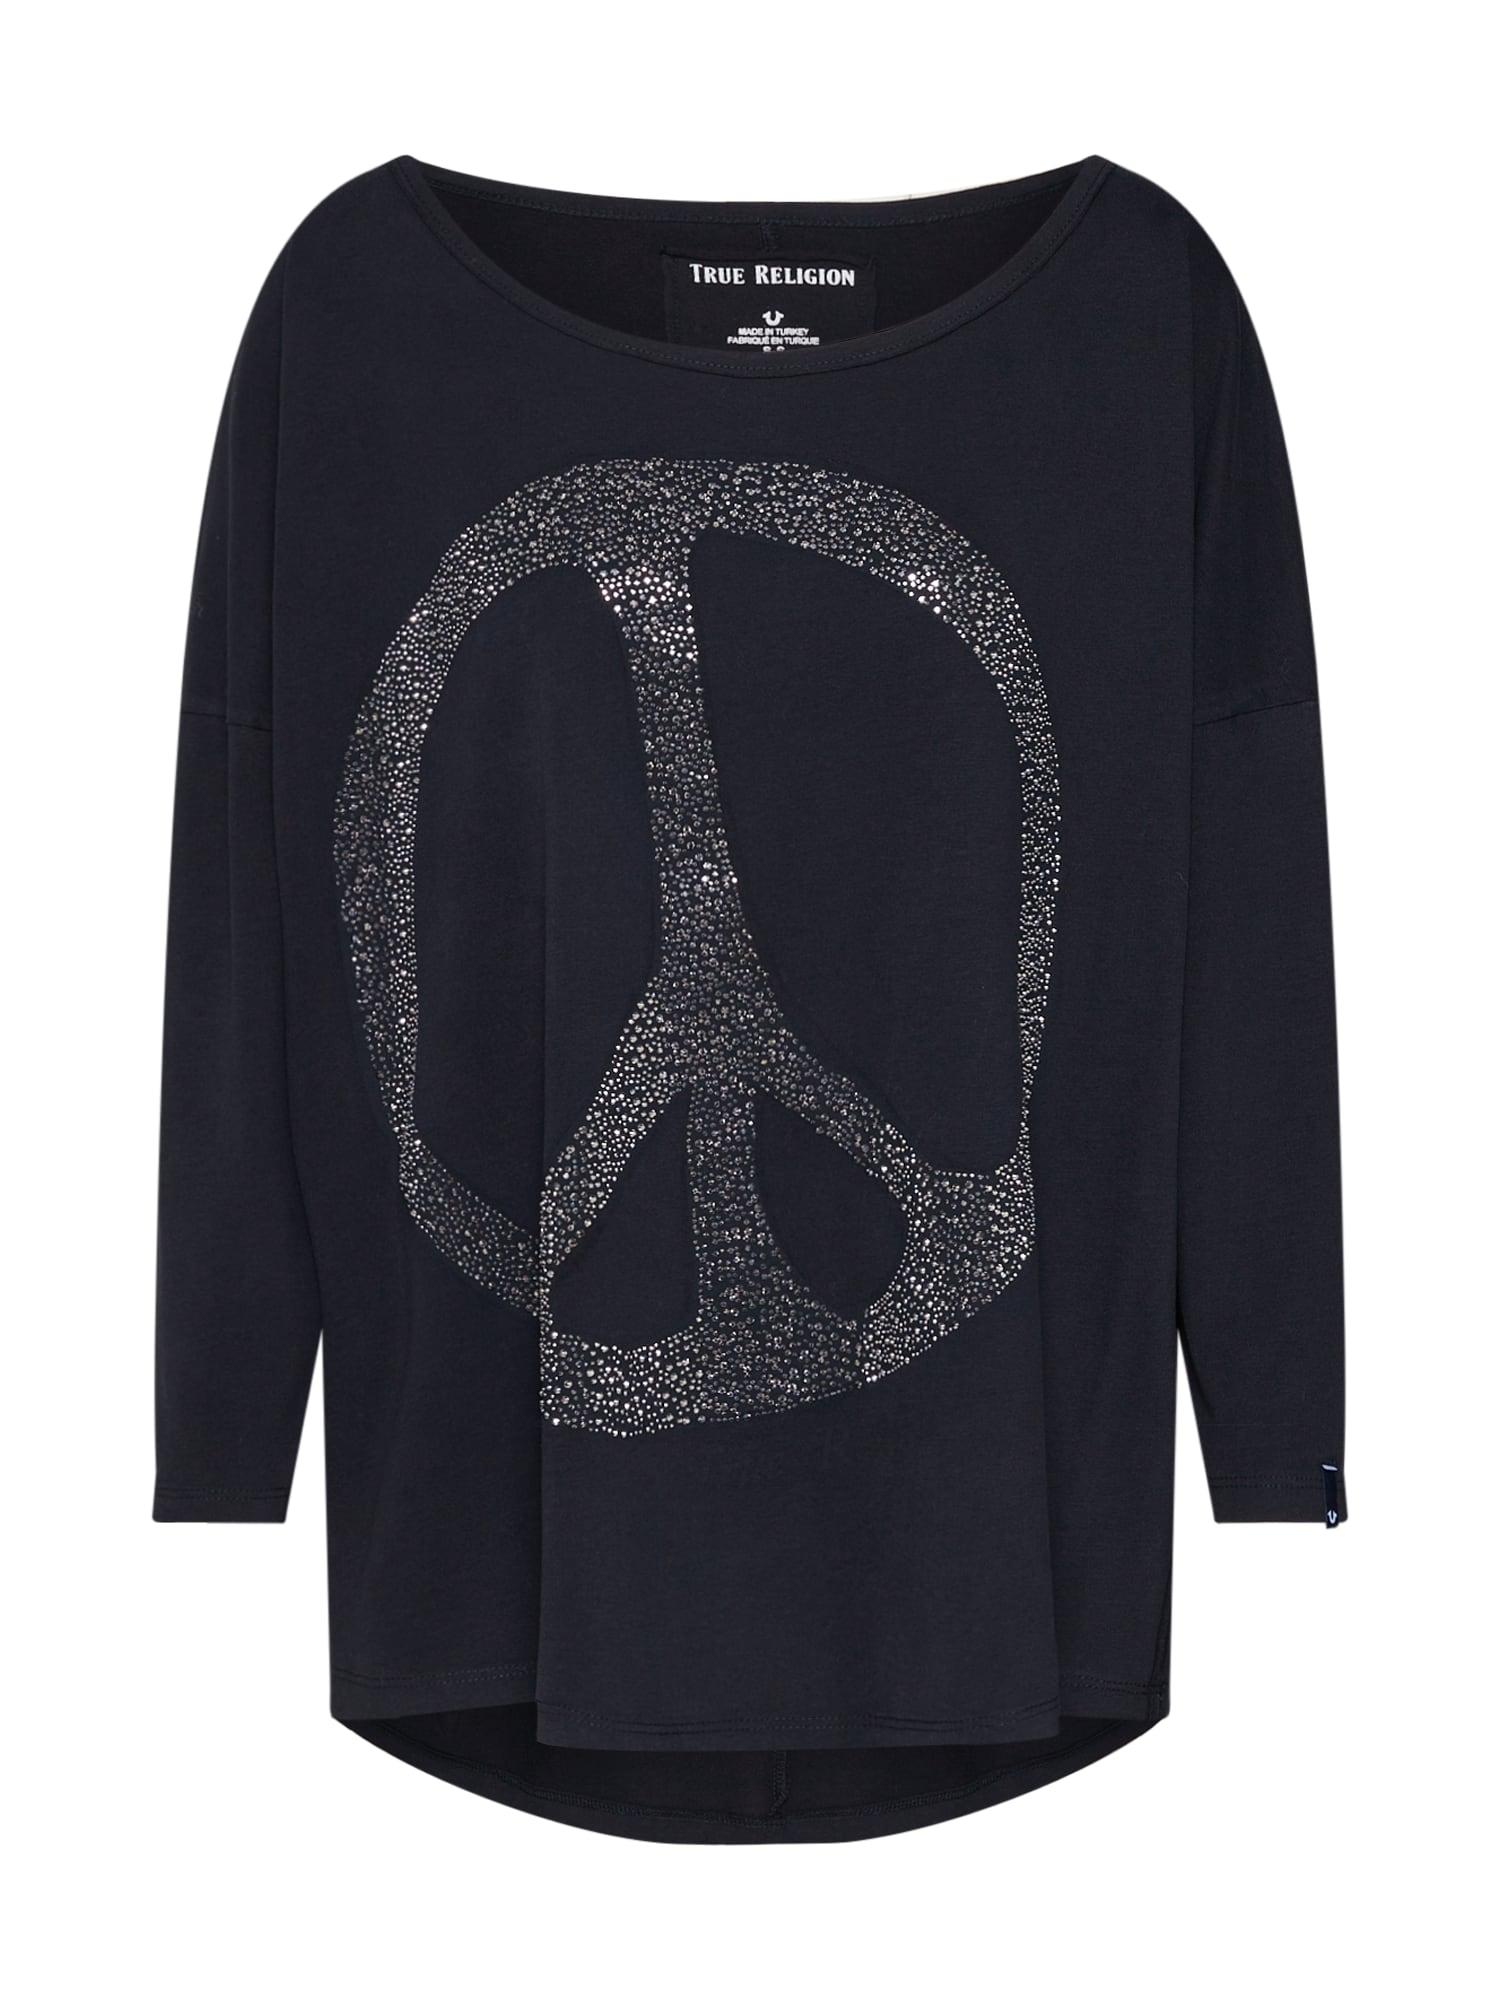 Tričko LS PEACE černá True Religion